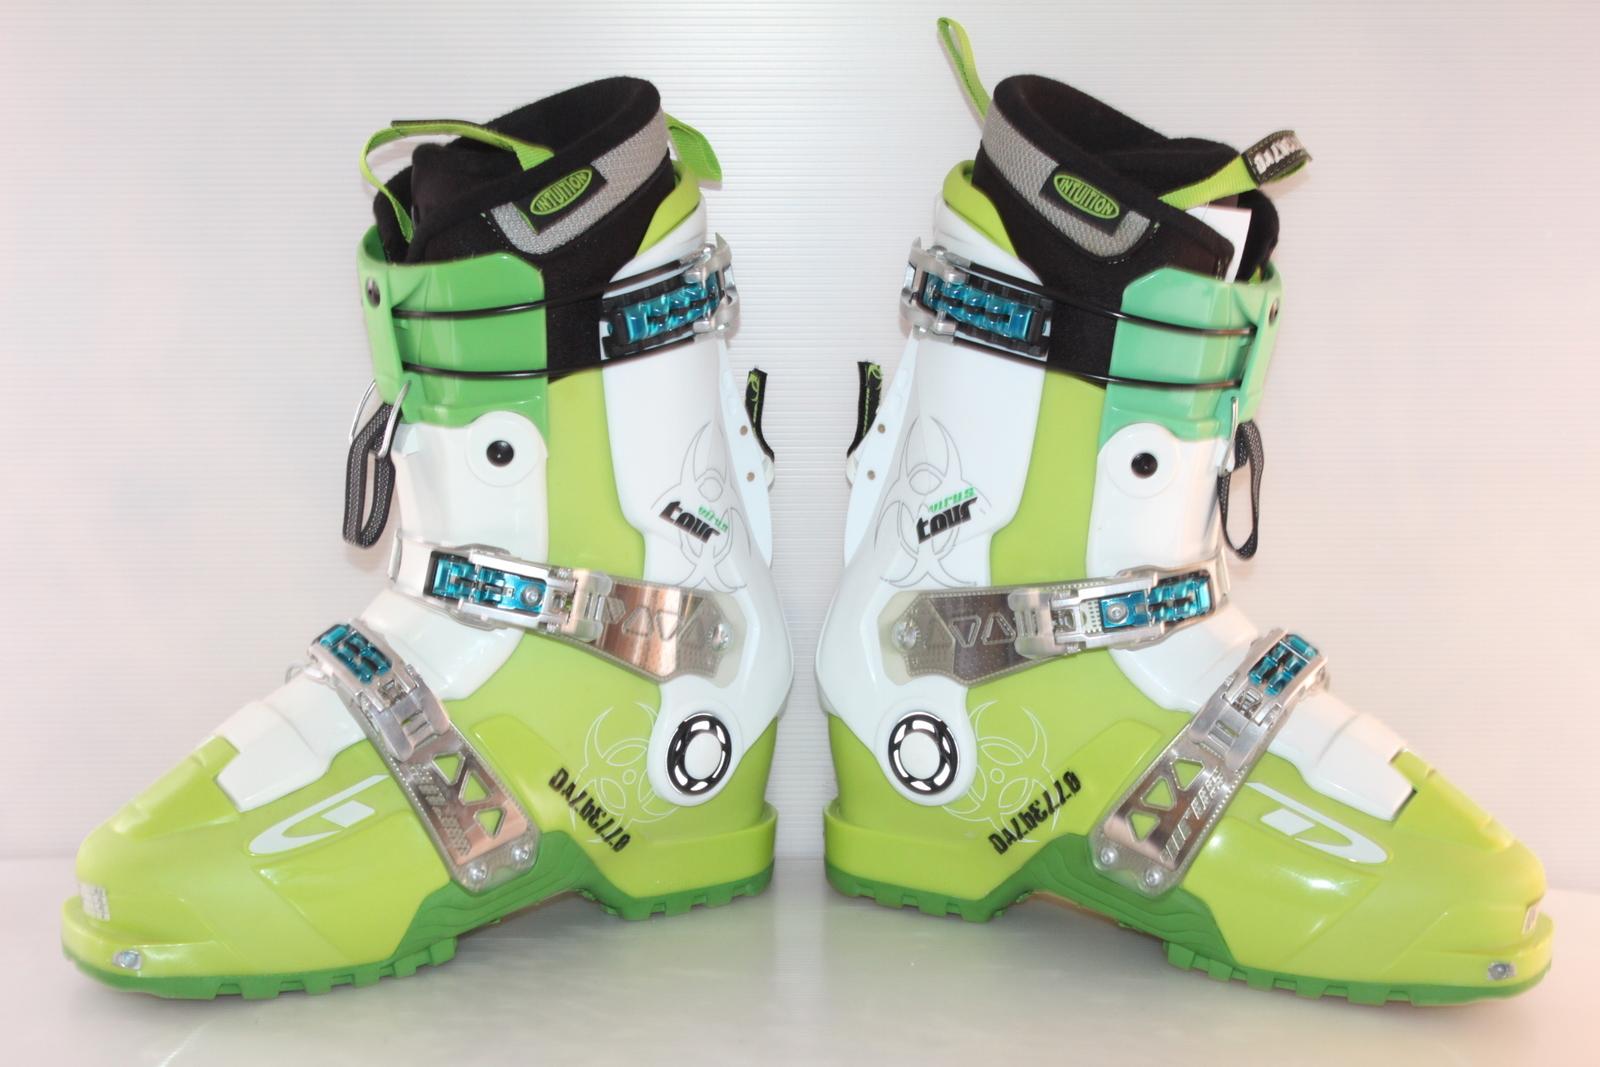 Skialpové boty Dalbello Virus Tour - skialp vel. EU43